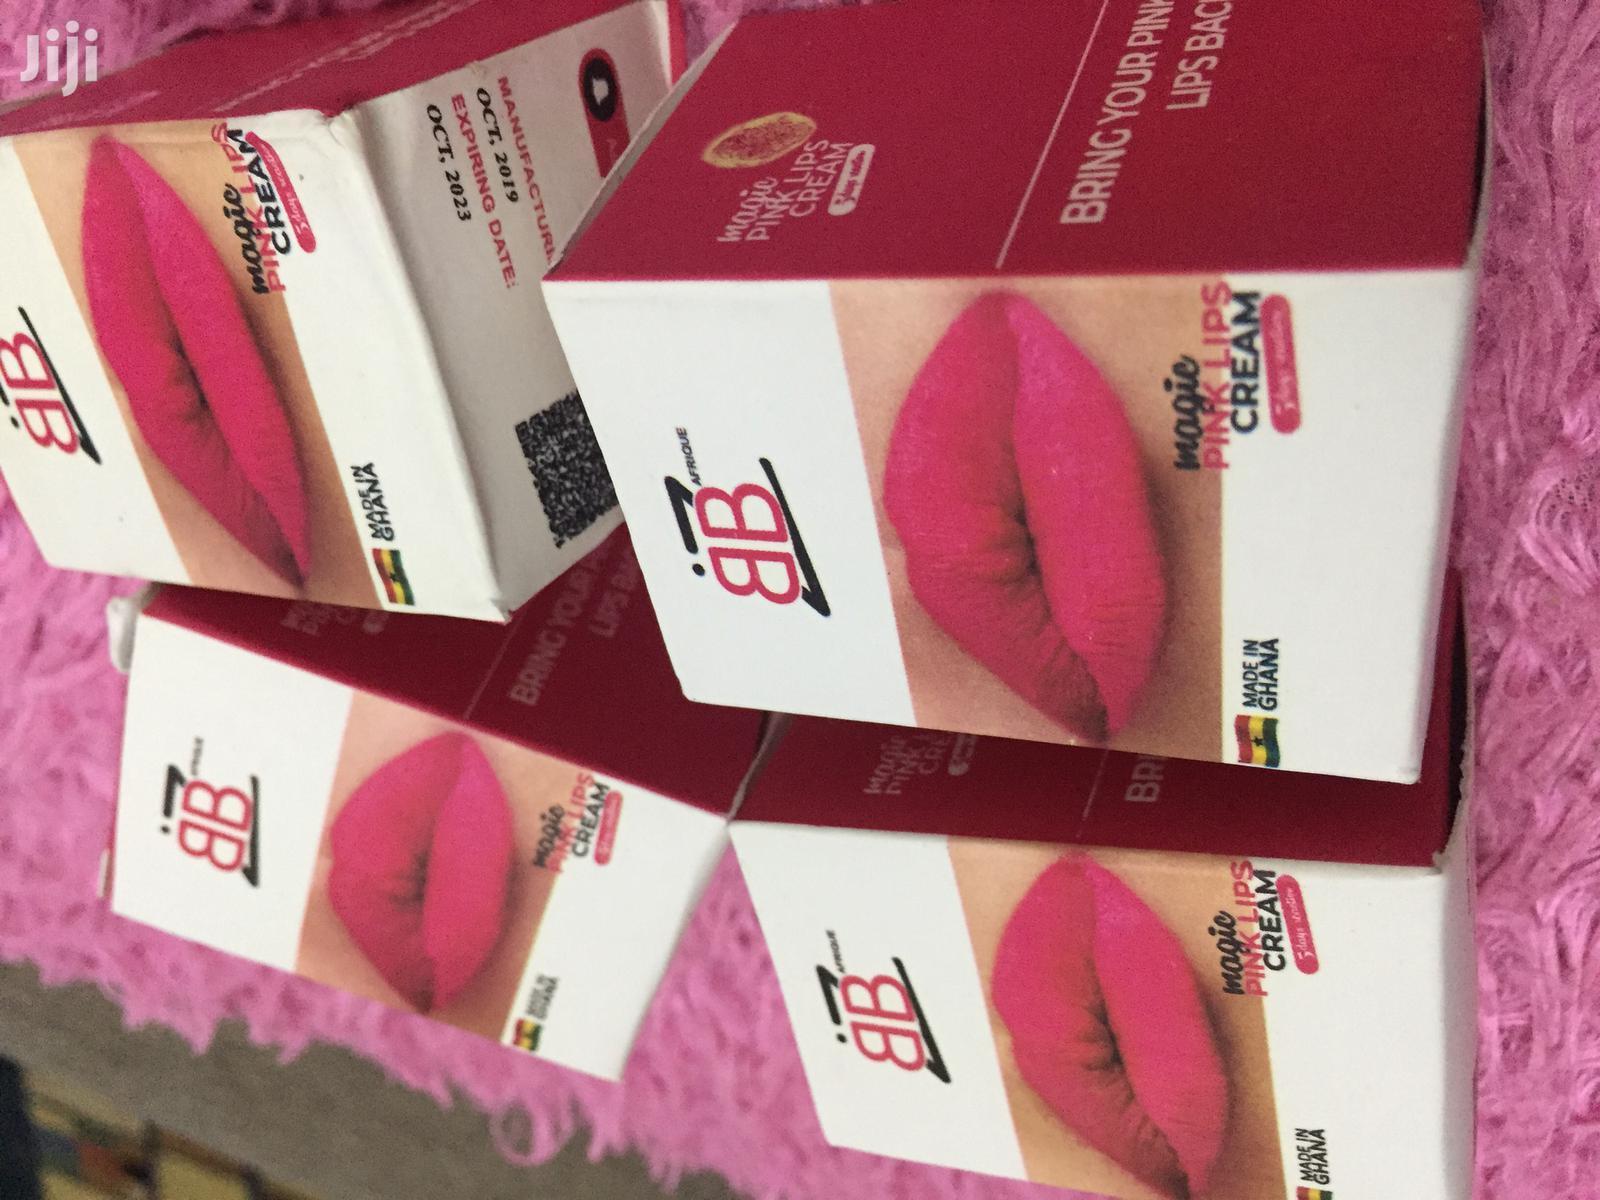 Pink Lips Cream For Dark Lips